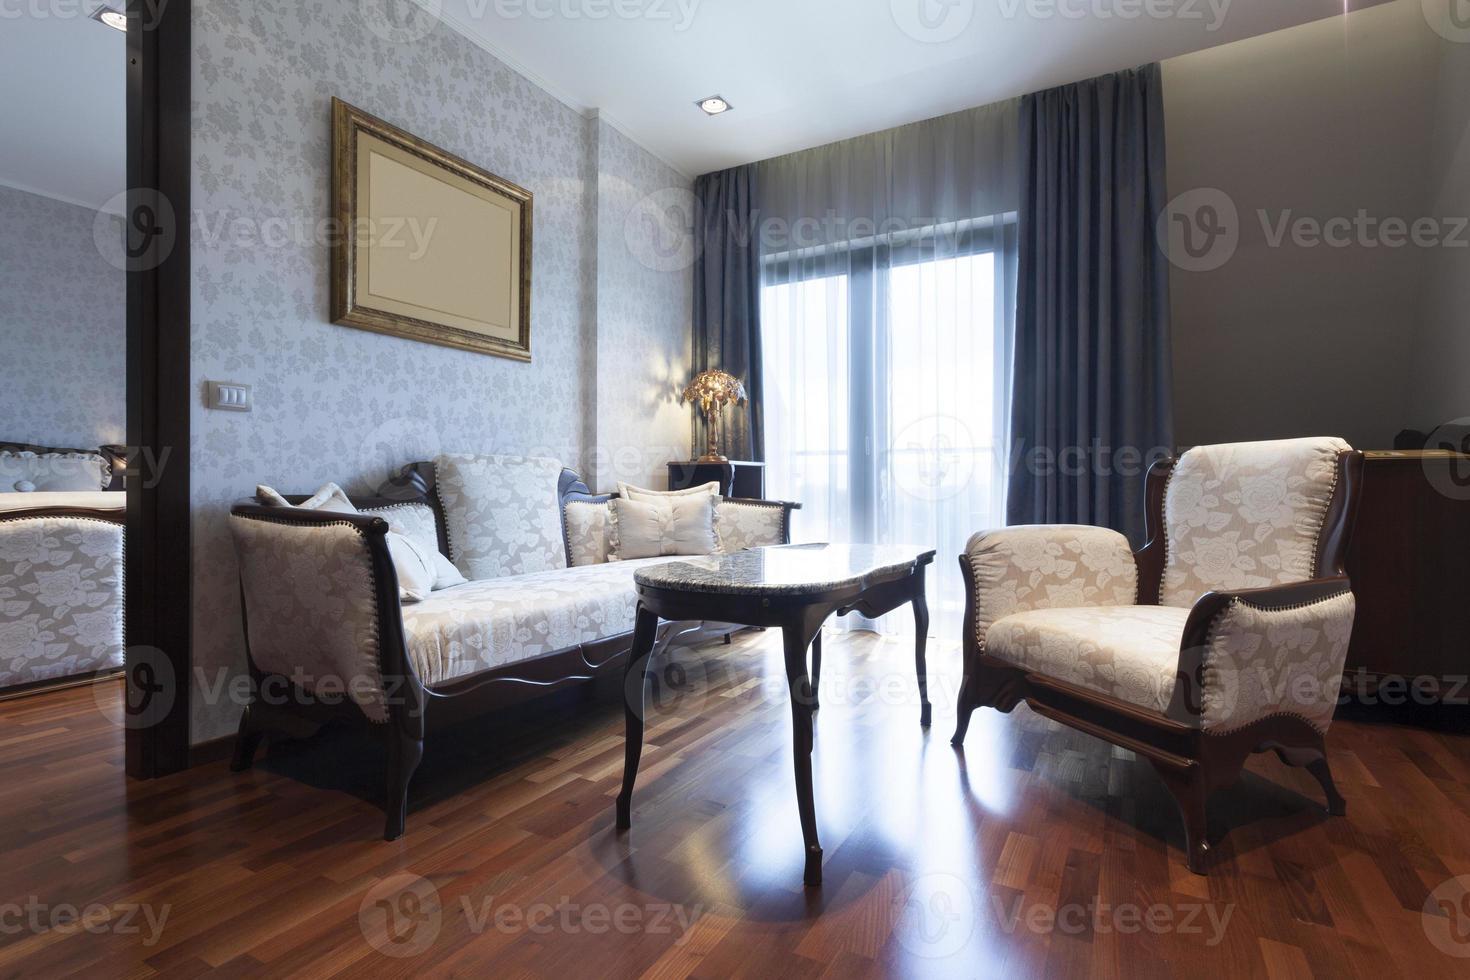 suite dell'hotel con mobili in stile classico foto